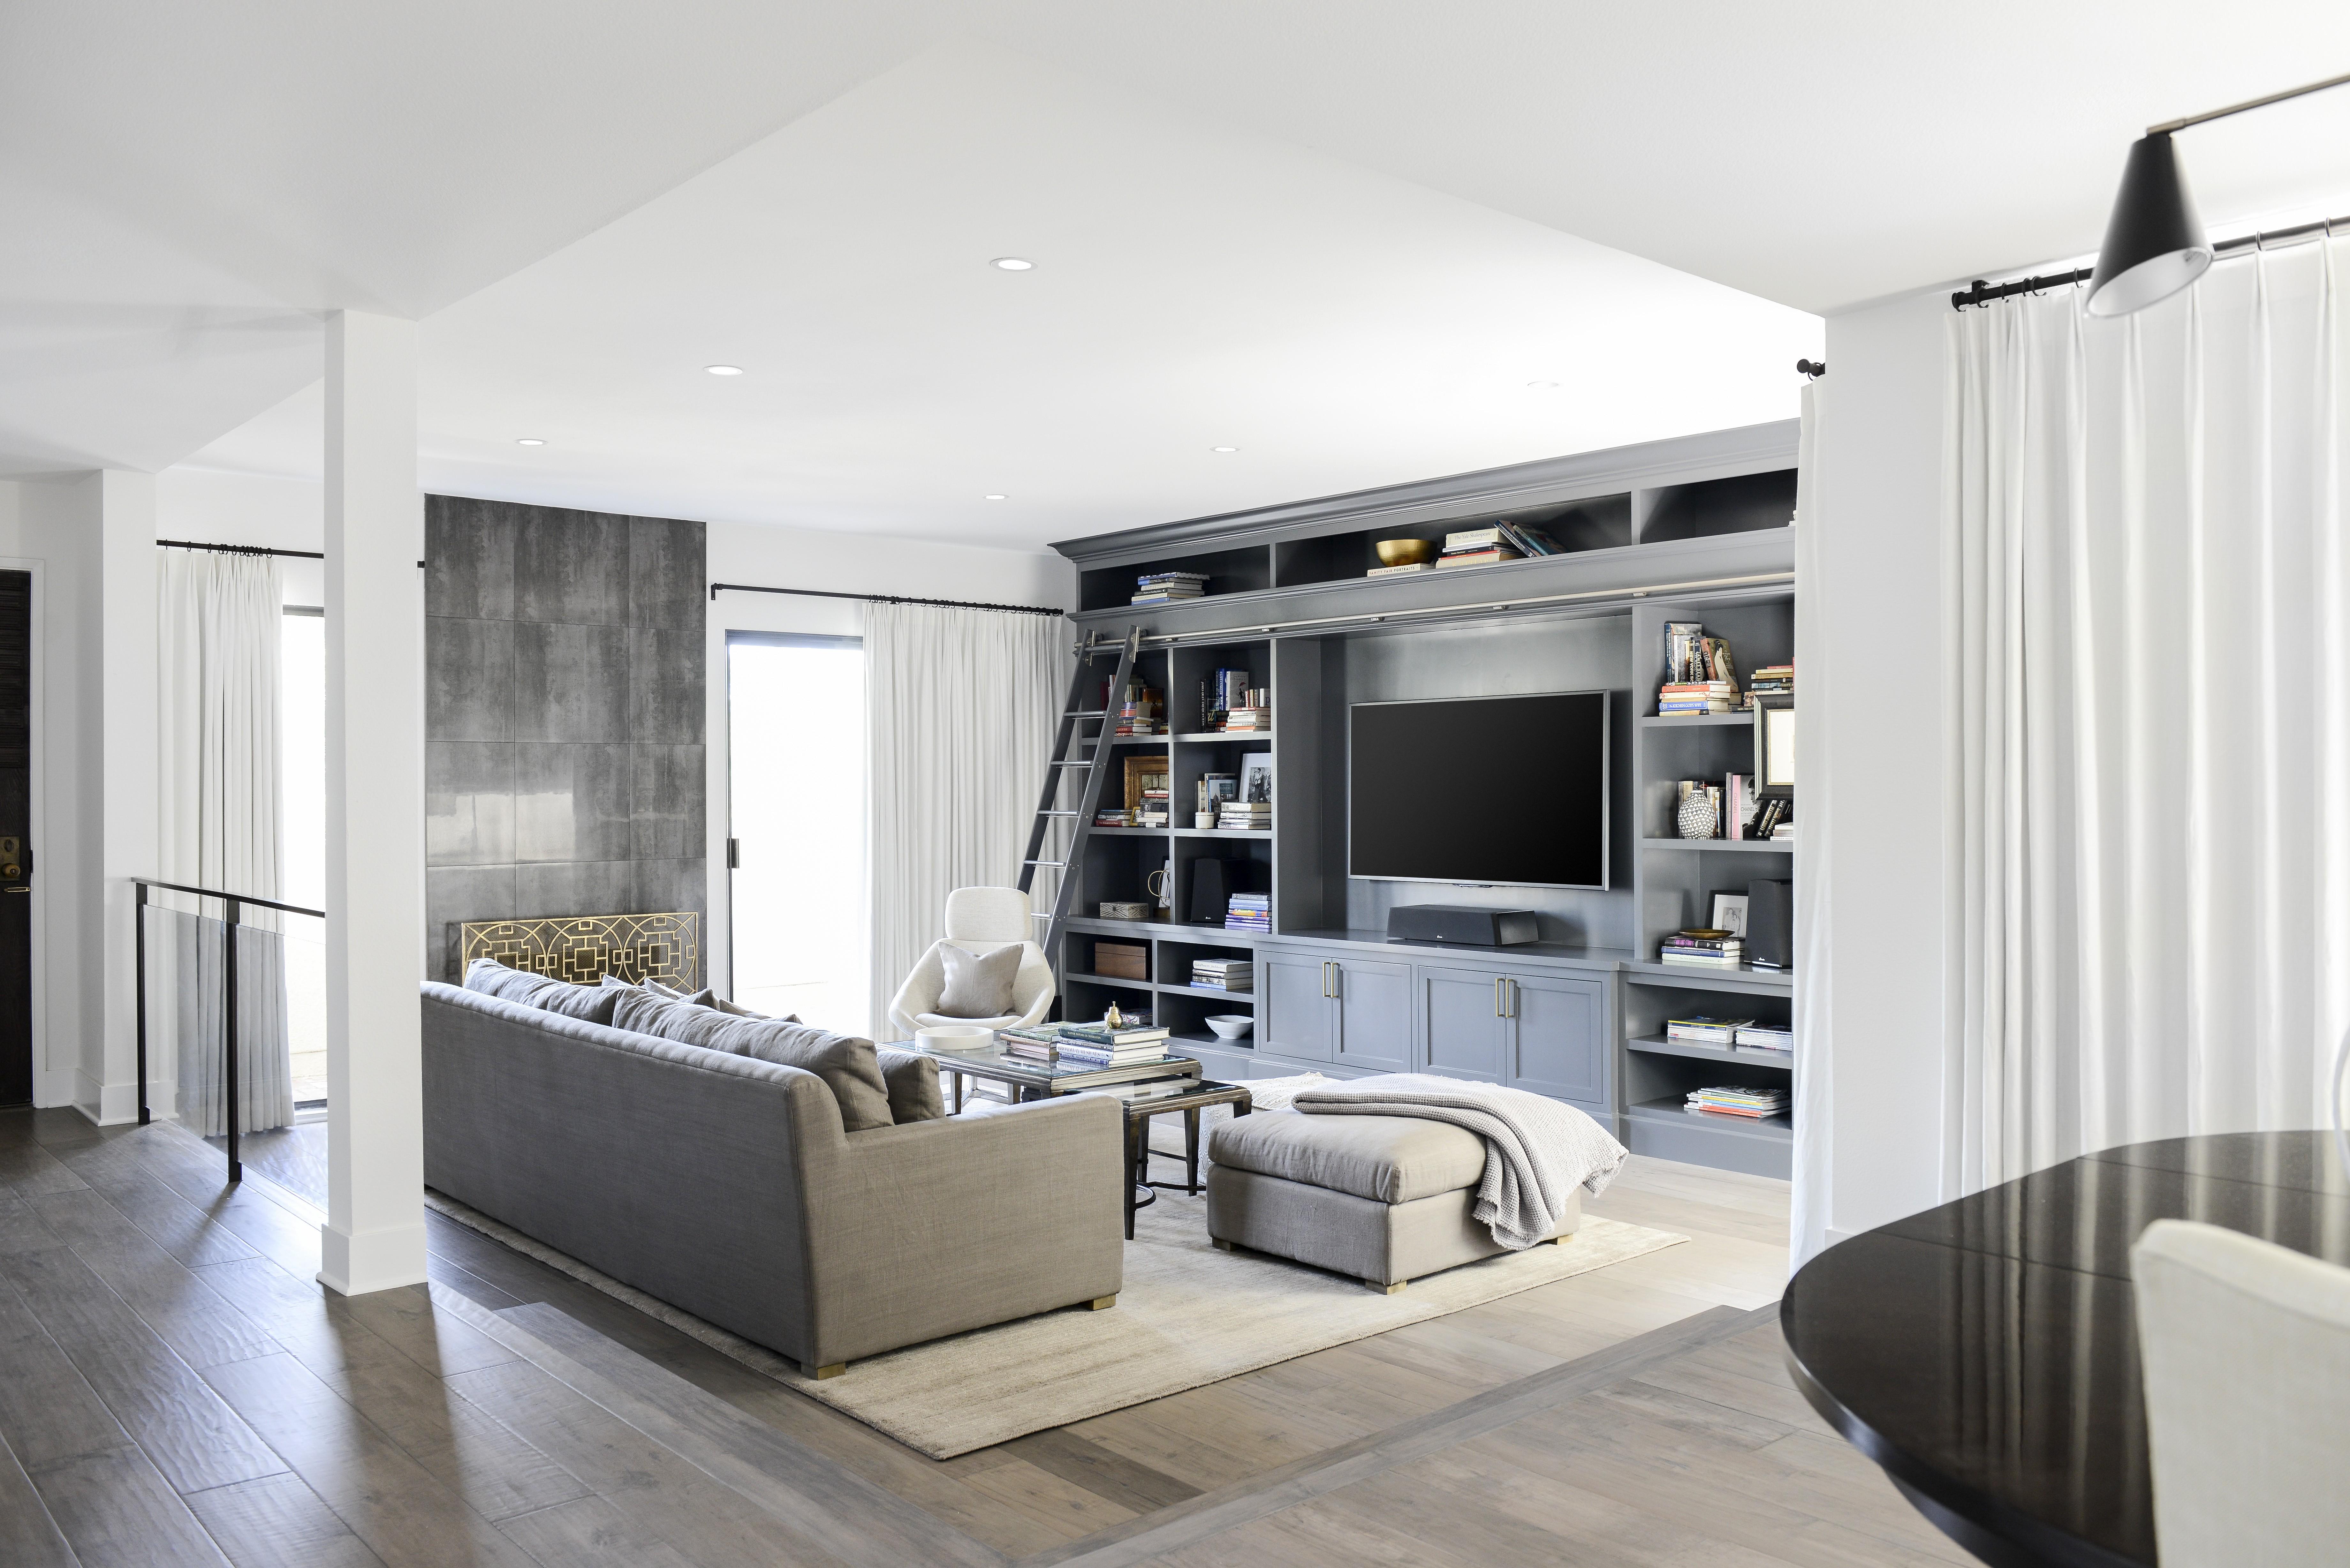 FOUR POINT DESIGN BUILD INC Interior Designer or Decorator Home